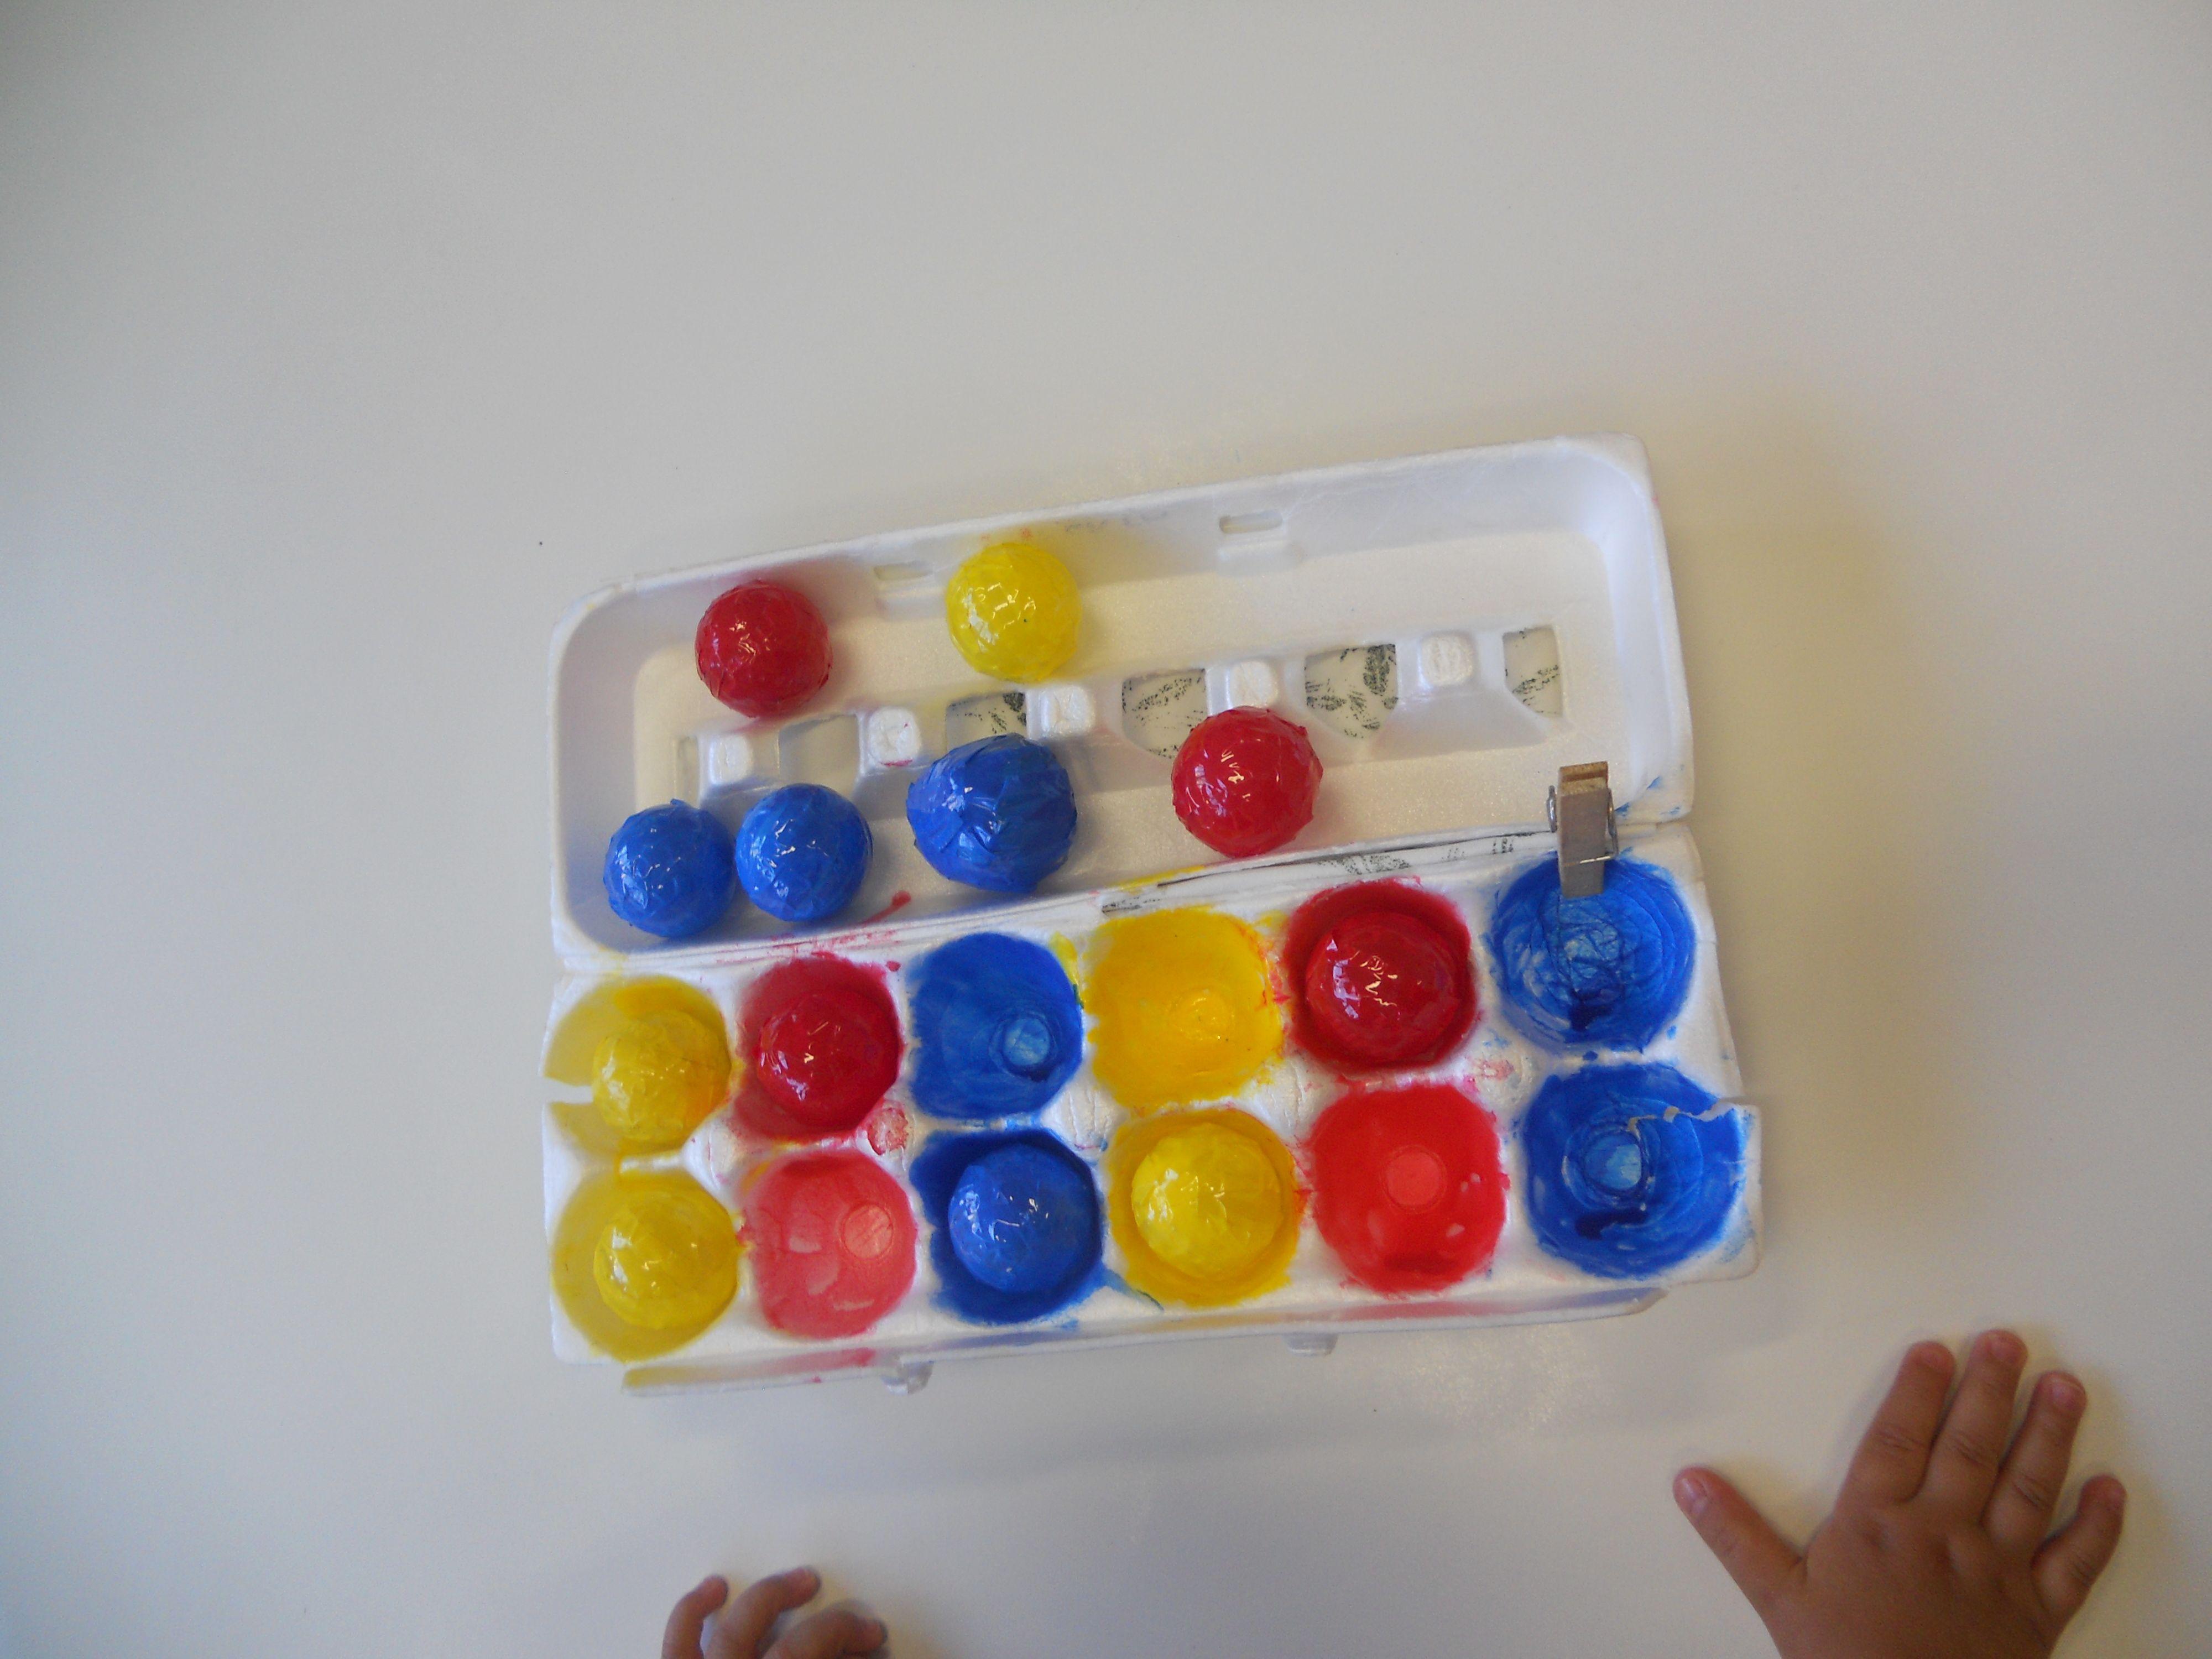 Bercario Ii B Brincadeiras Sensorial Com Bolinhas Coloridas E